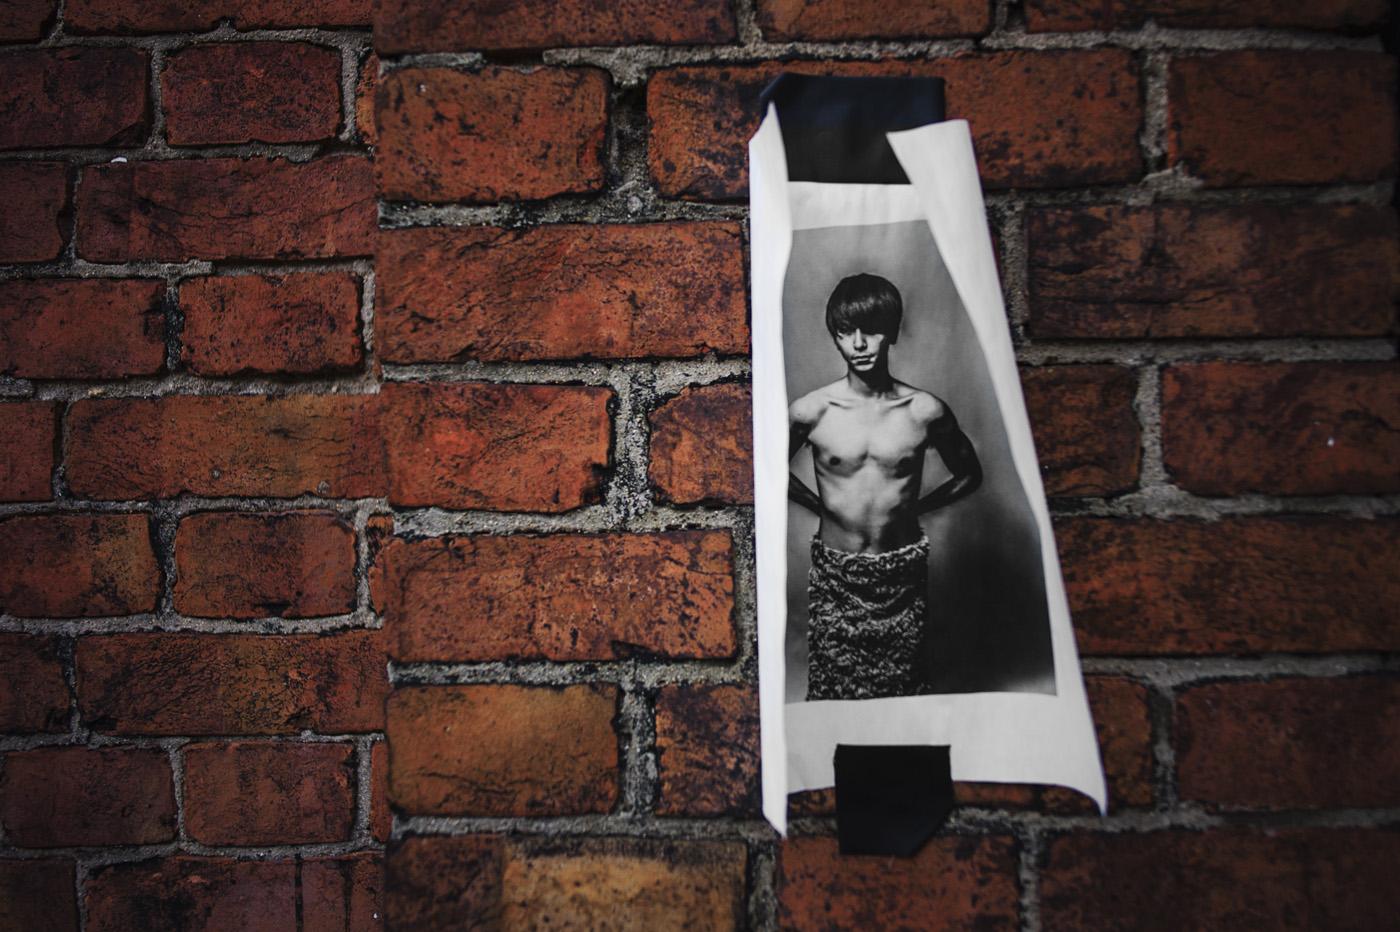 再び、木寺一路氏写真展「時限爆弾ー記憶喪失Ⅱー」へ_c0028861_9511925.jpg